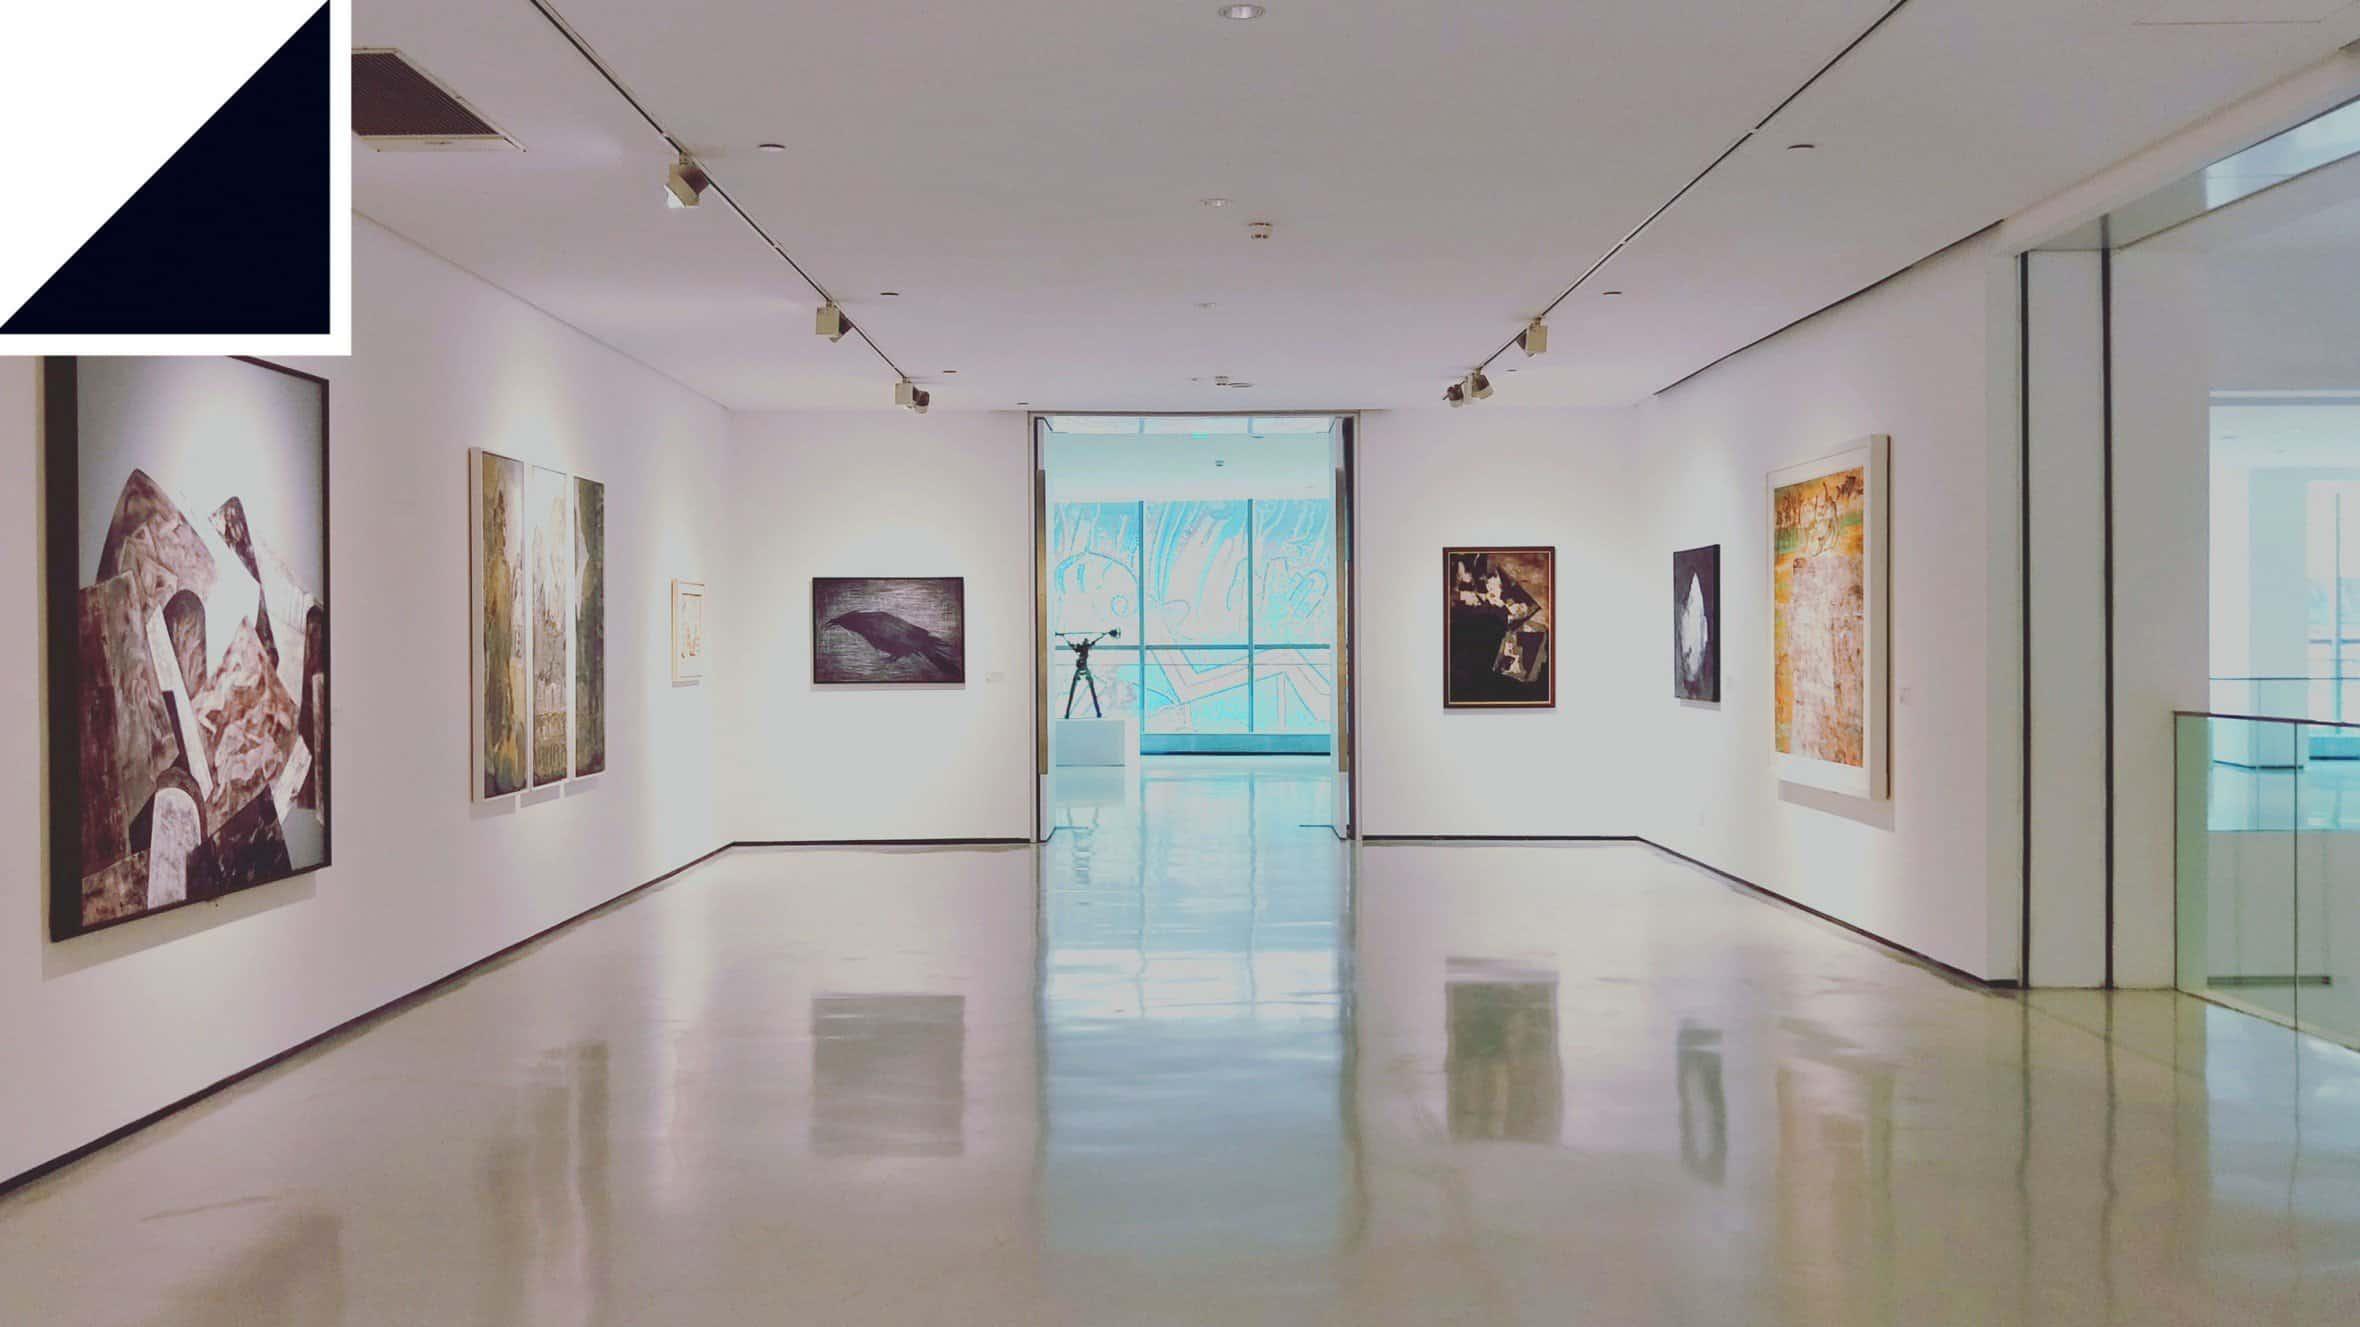 تنقيب البيانات يكشف عن أن أكثر من 75% من الفنانين المعروضة أعمالهم في متاحف أميركية رجال من العرق الأبيض